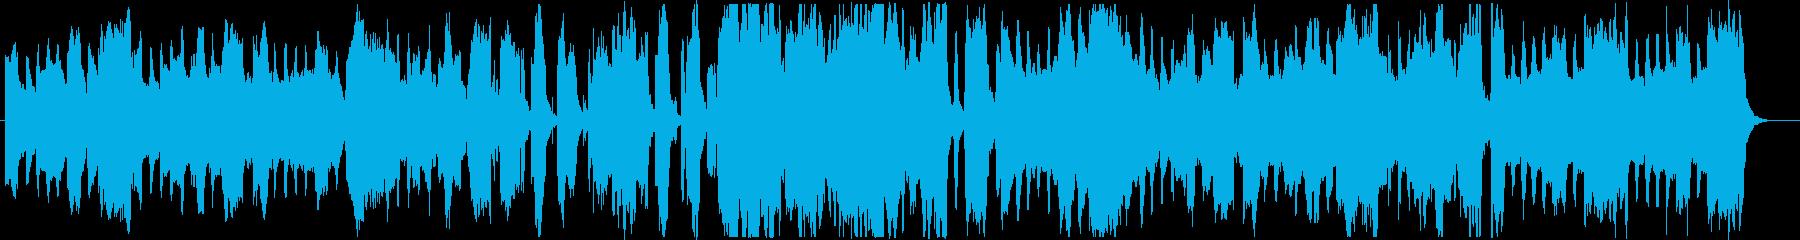 おばけホラーなBGM・ワルツ3拍子の再生済みの波形